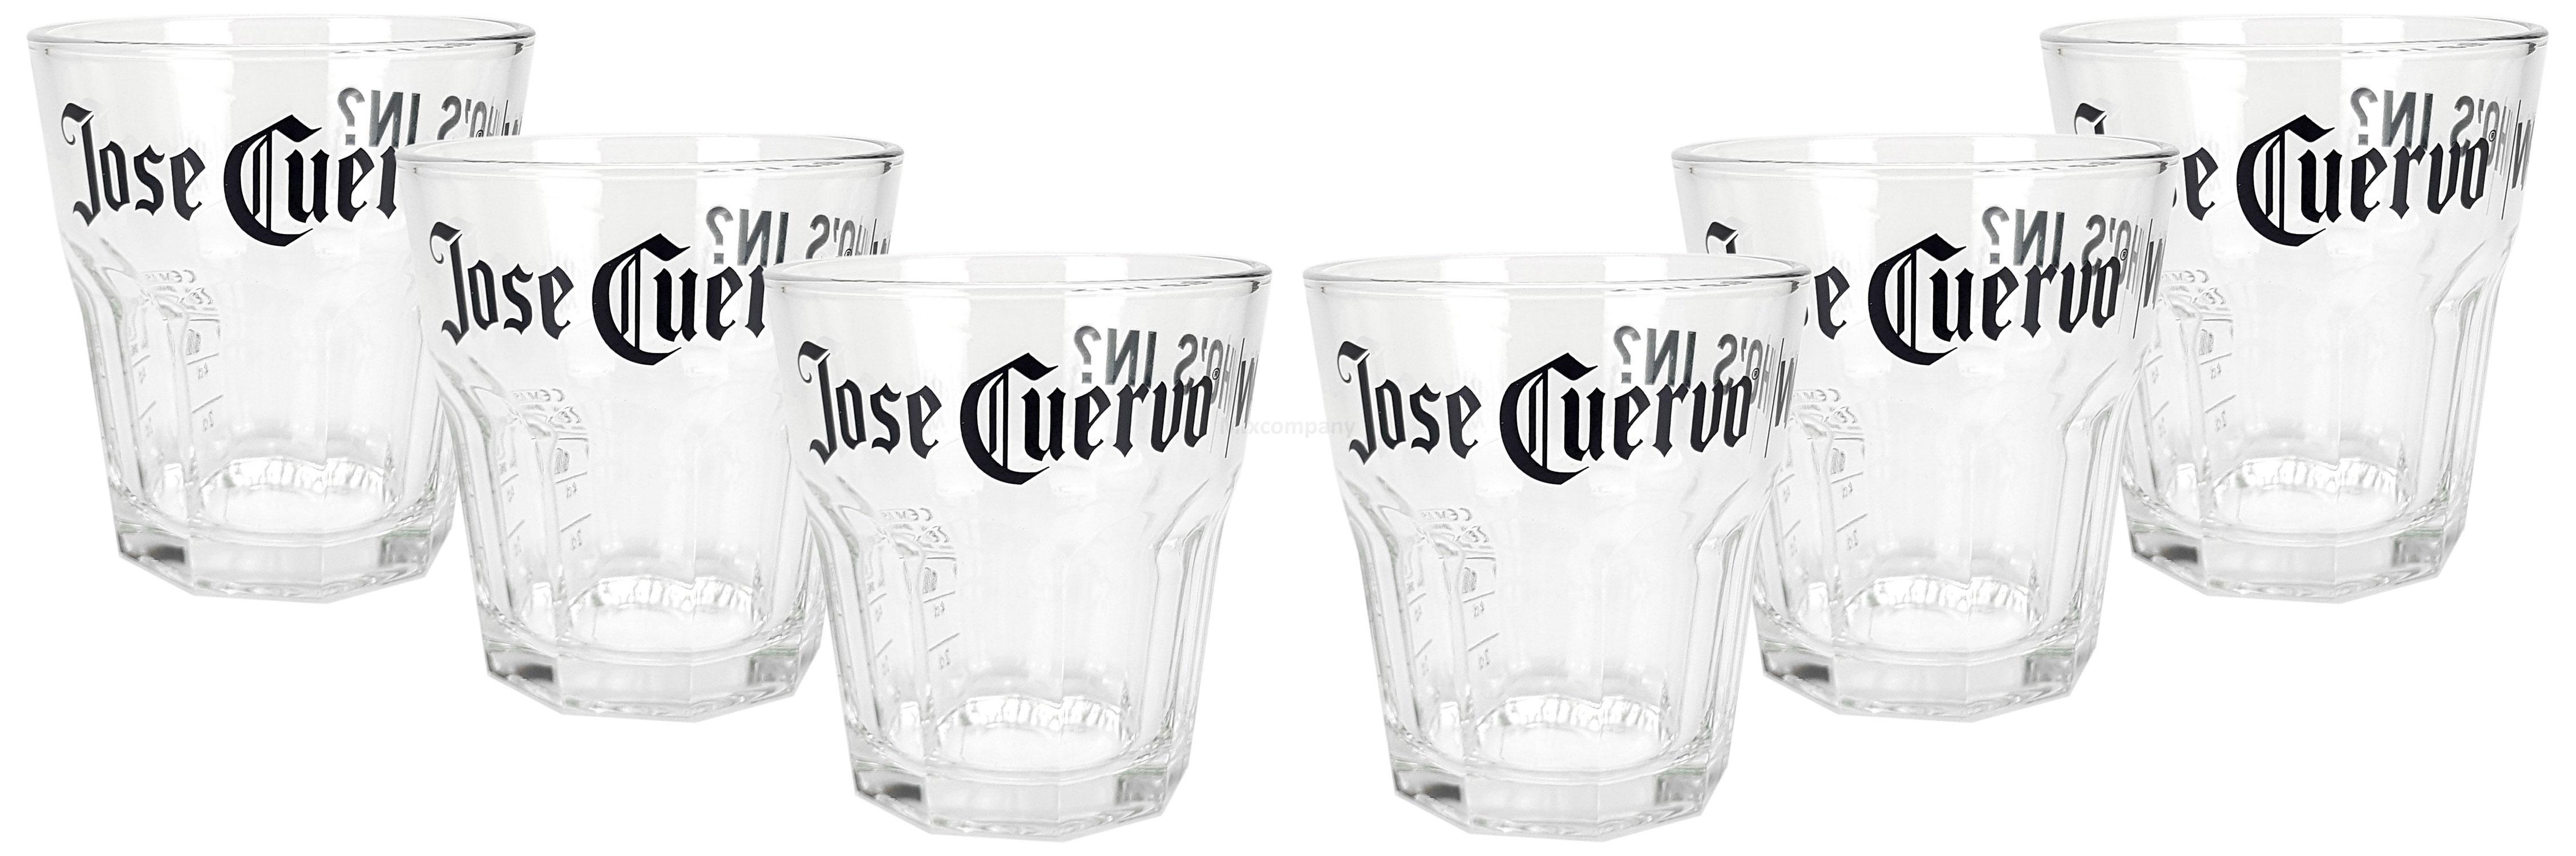 Jose Cuervo Tumbler Glas Gläser Set - 6x Tumblergläser 2/4cl geeicht